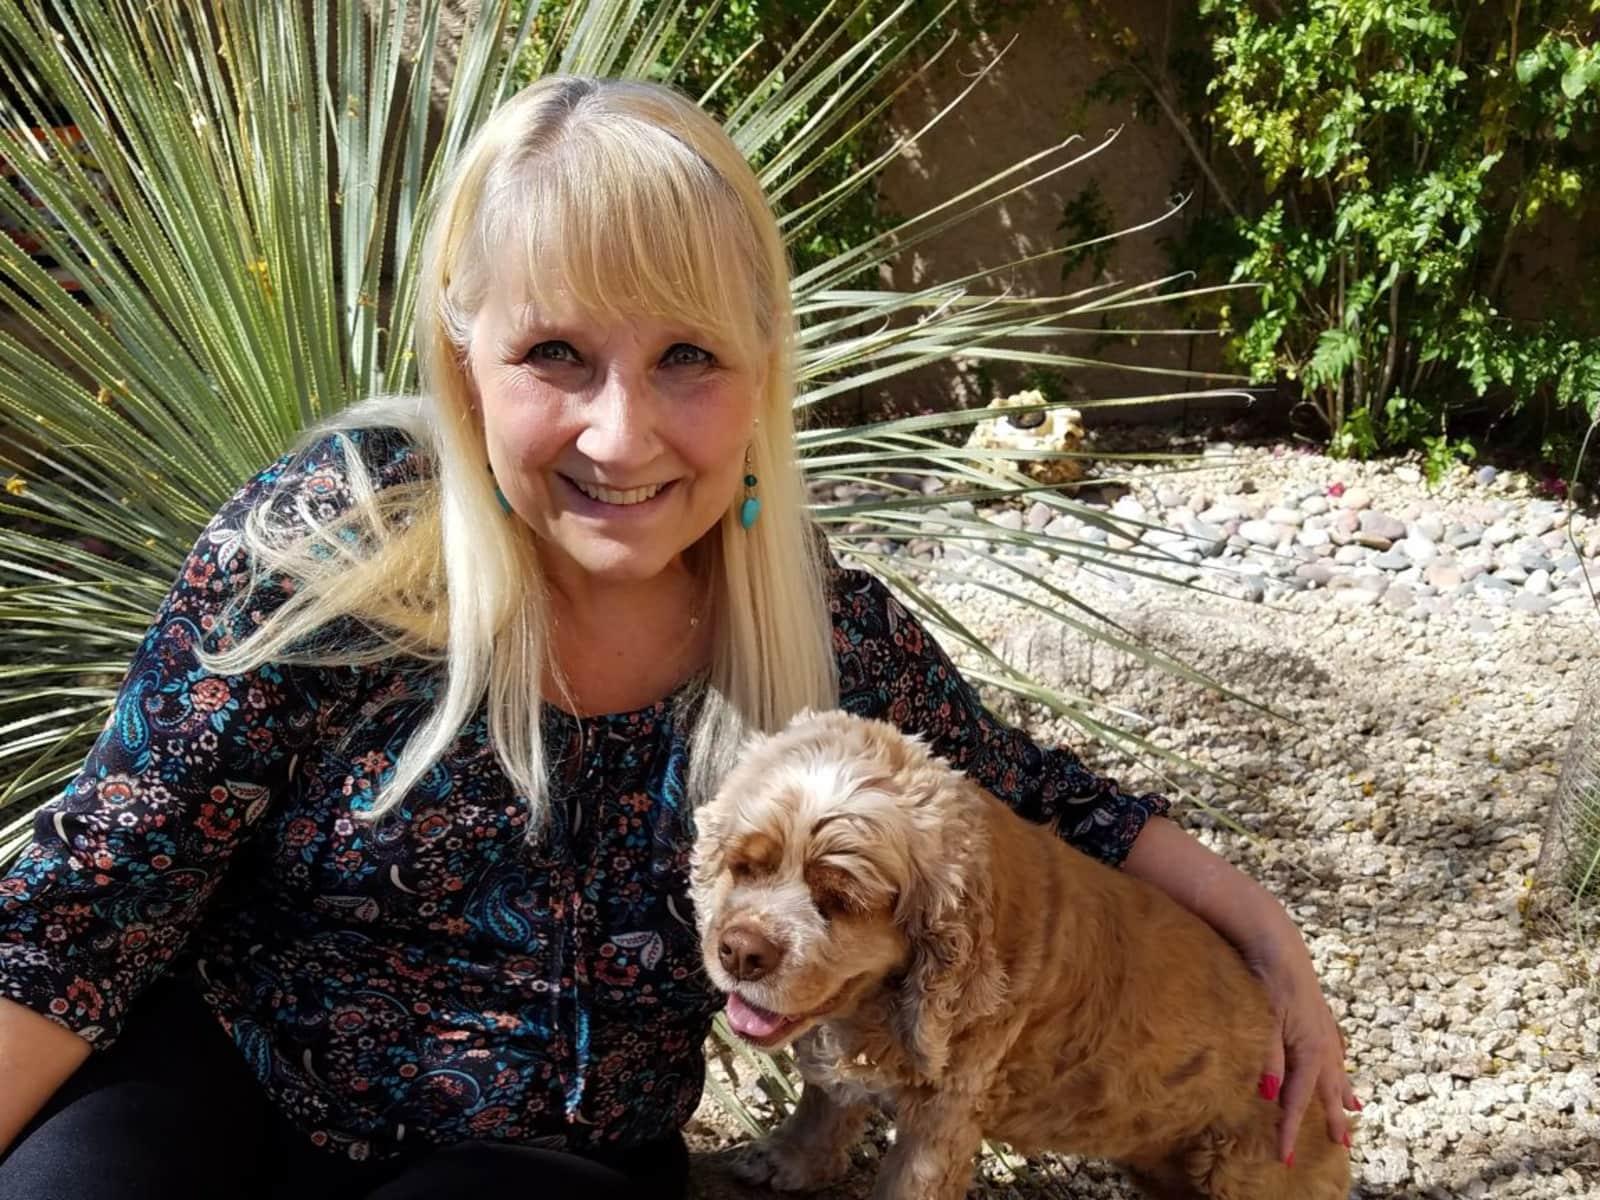 Rosalee from Scottsdale, Arizona, United States